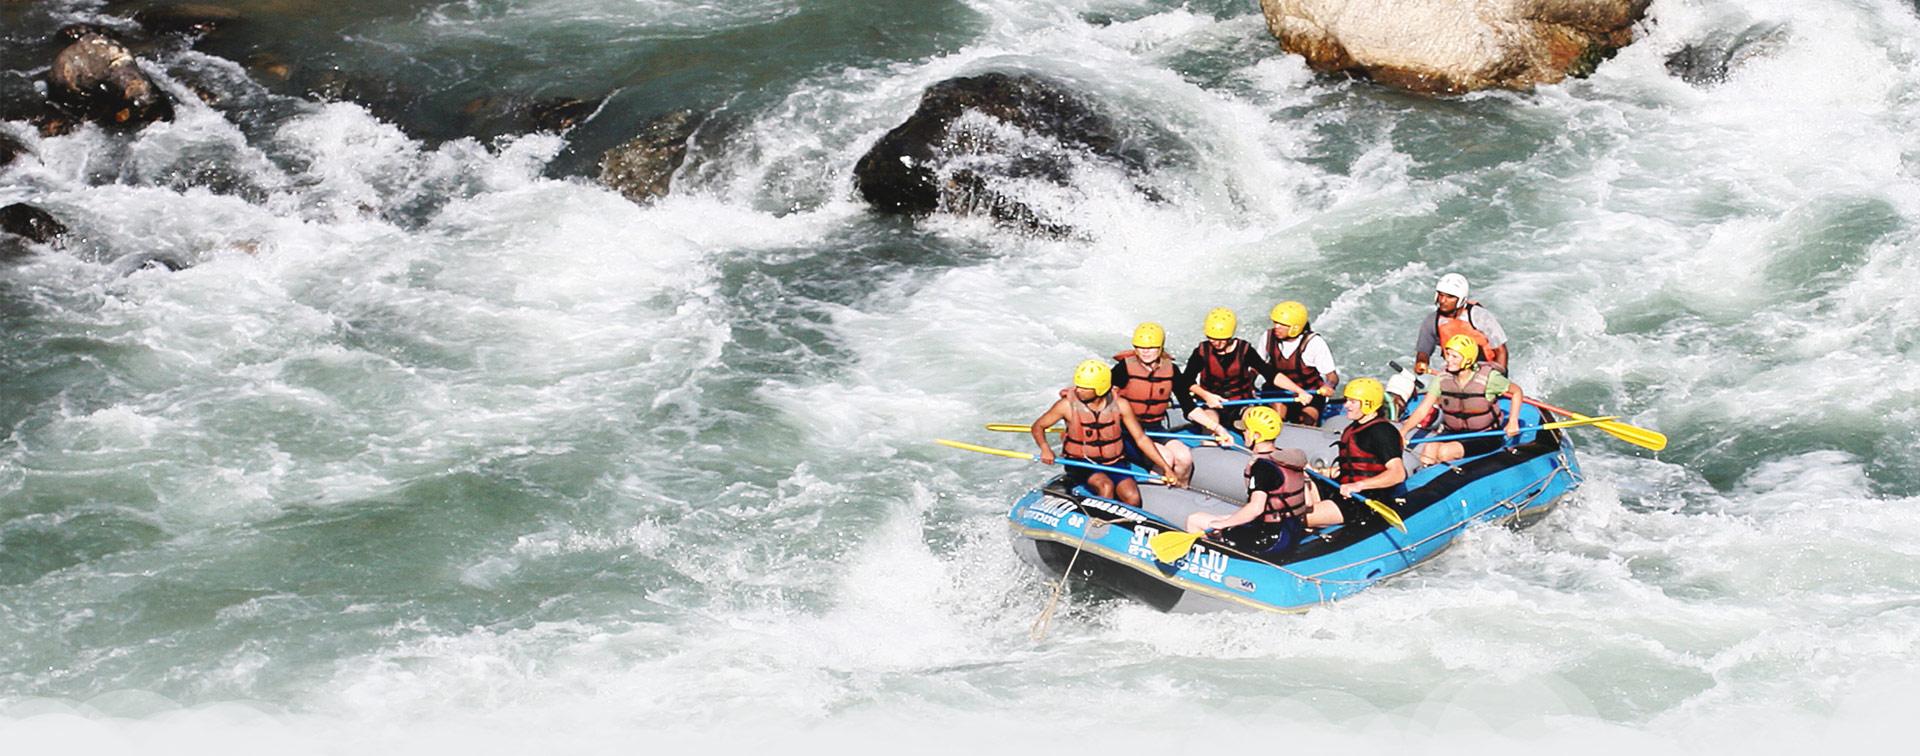 Rafting en Nepal - Nepal Rafting, Aventura Rafting Nepal, rafting y kayak viajes en Nepal en